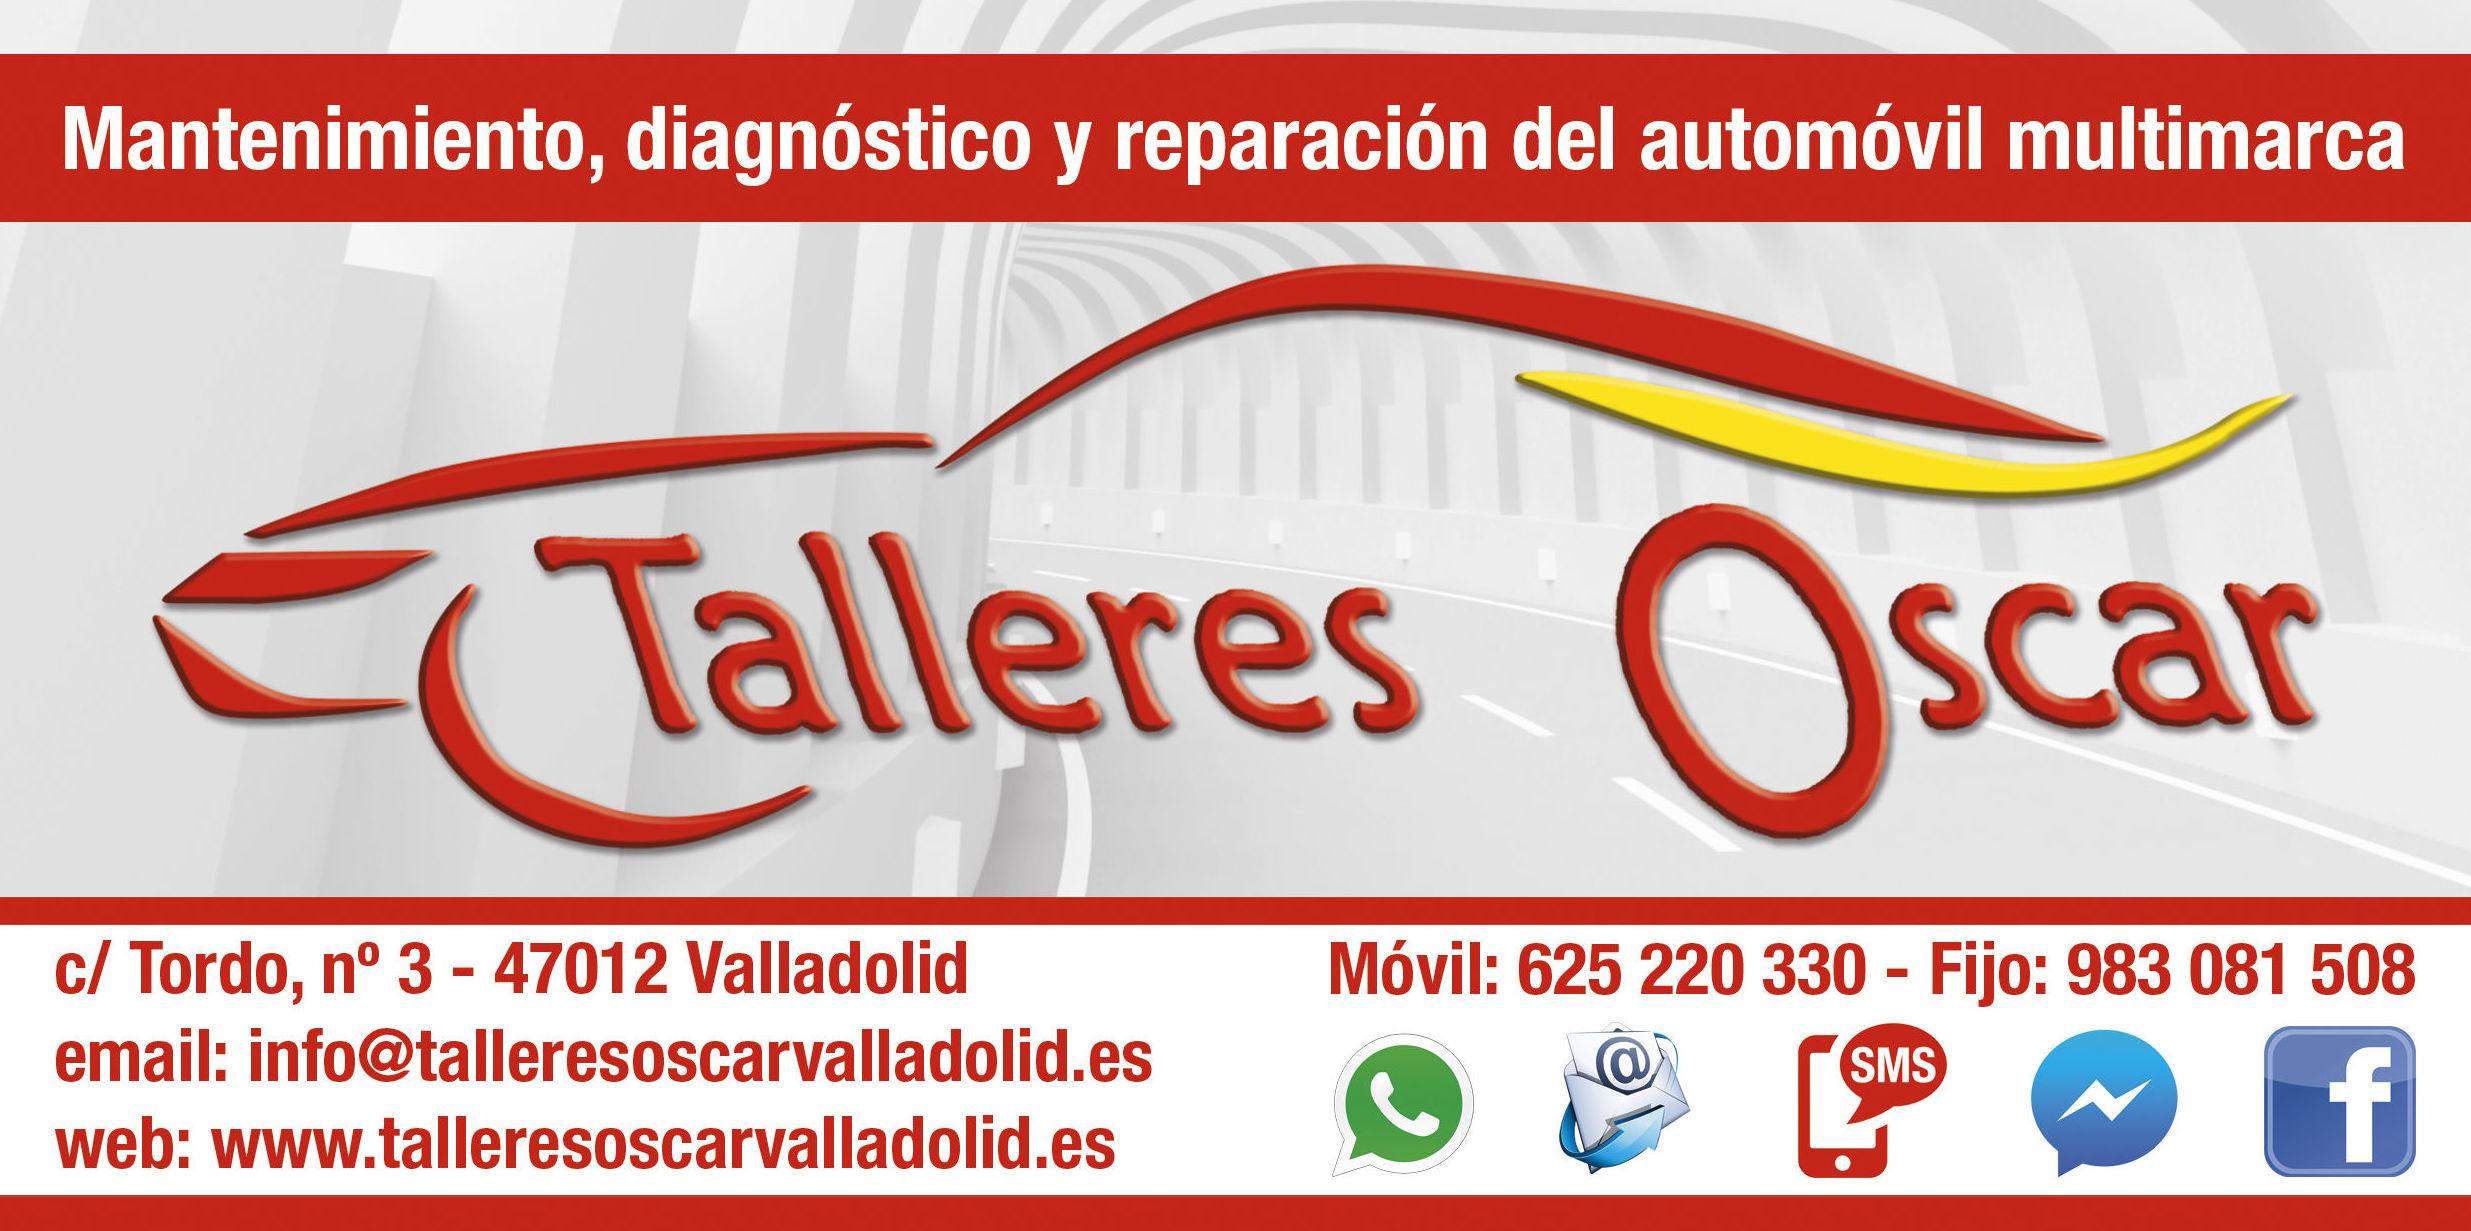 Servicios de mecánica en general - Taller de automóviles en Valladolid